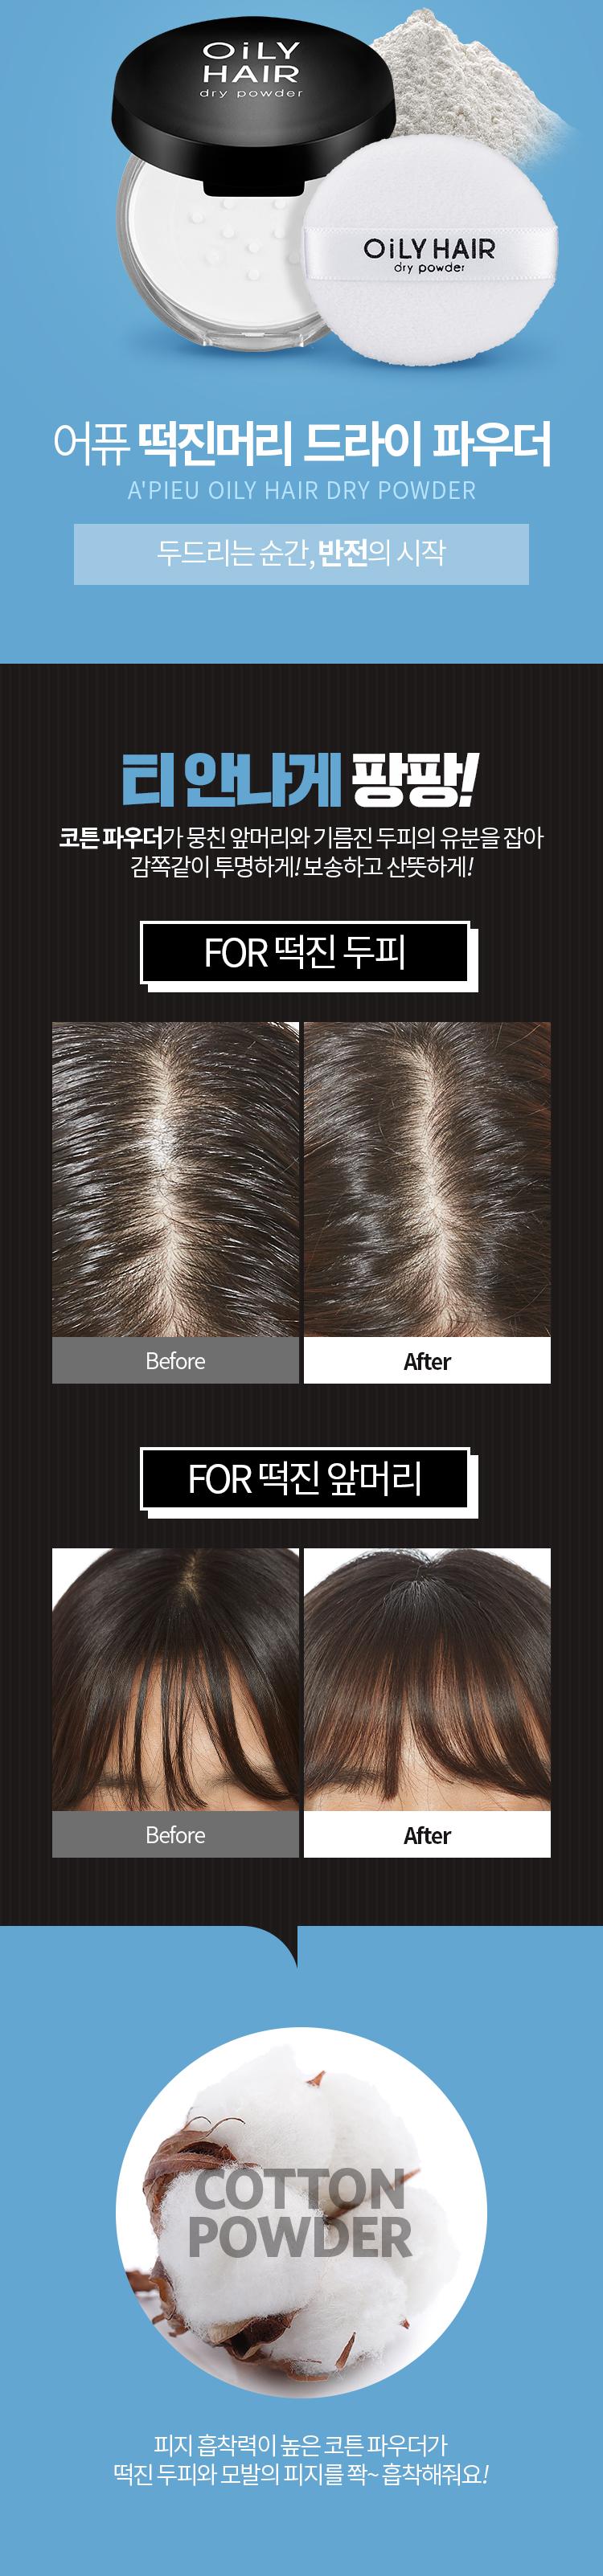 oily-hair-1.jpg